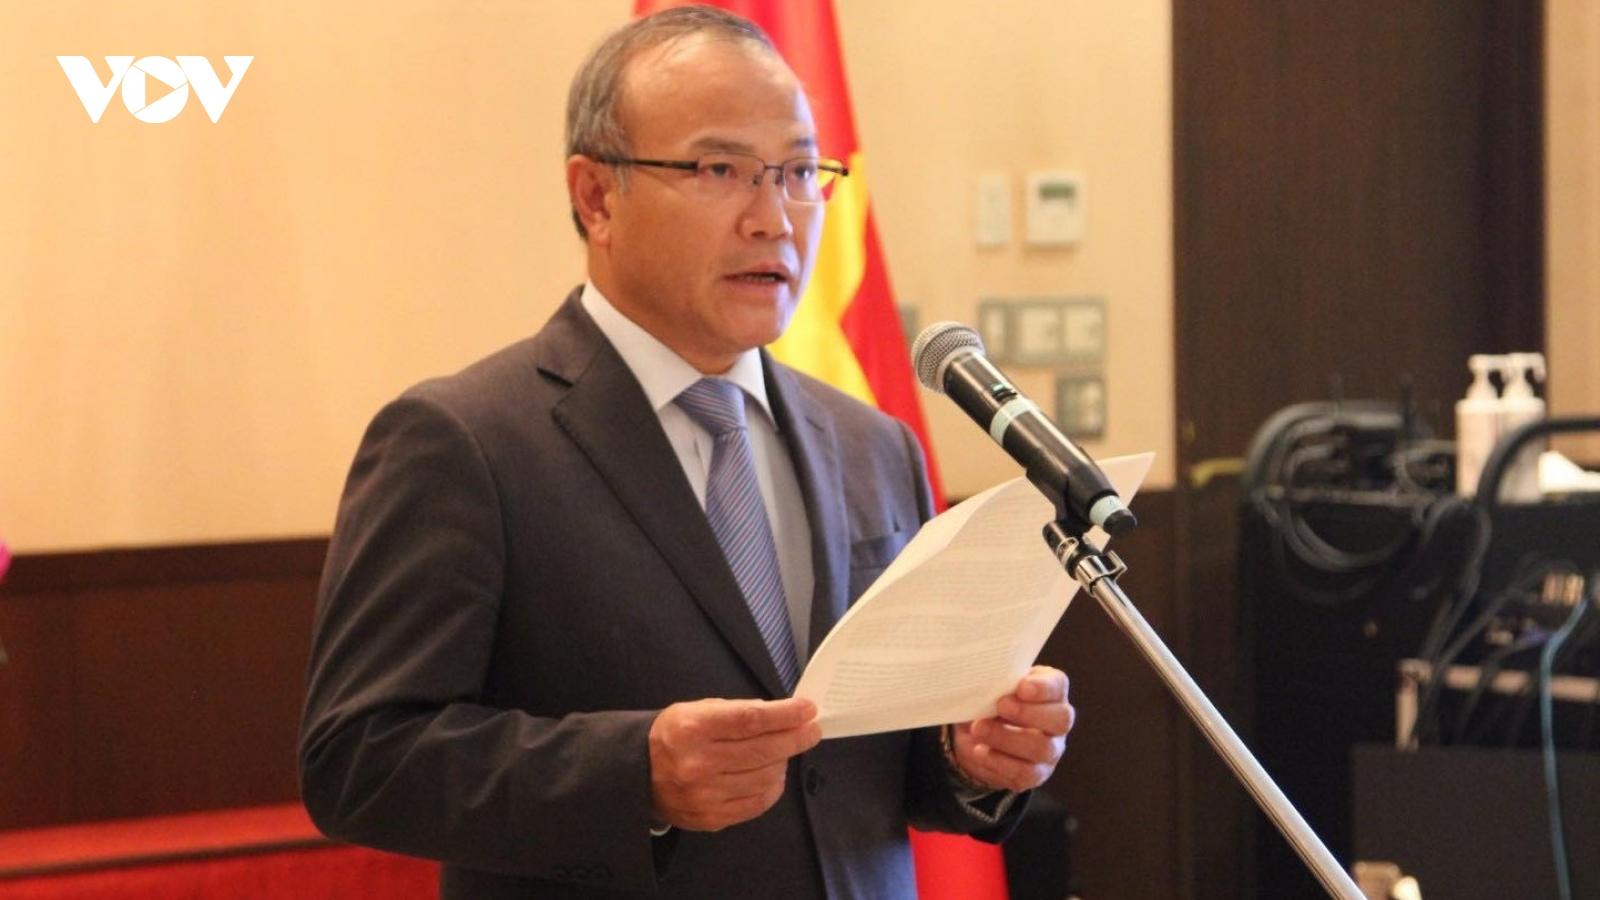 Kỷ niệm 76 năm Quốc khánh Việt Nam tại Nhật Bản